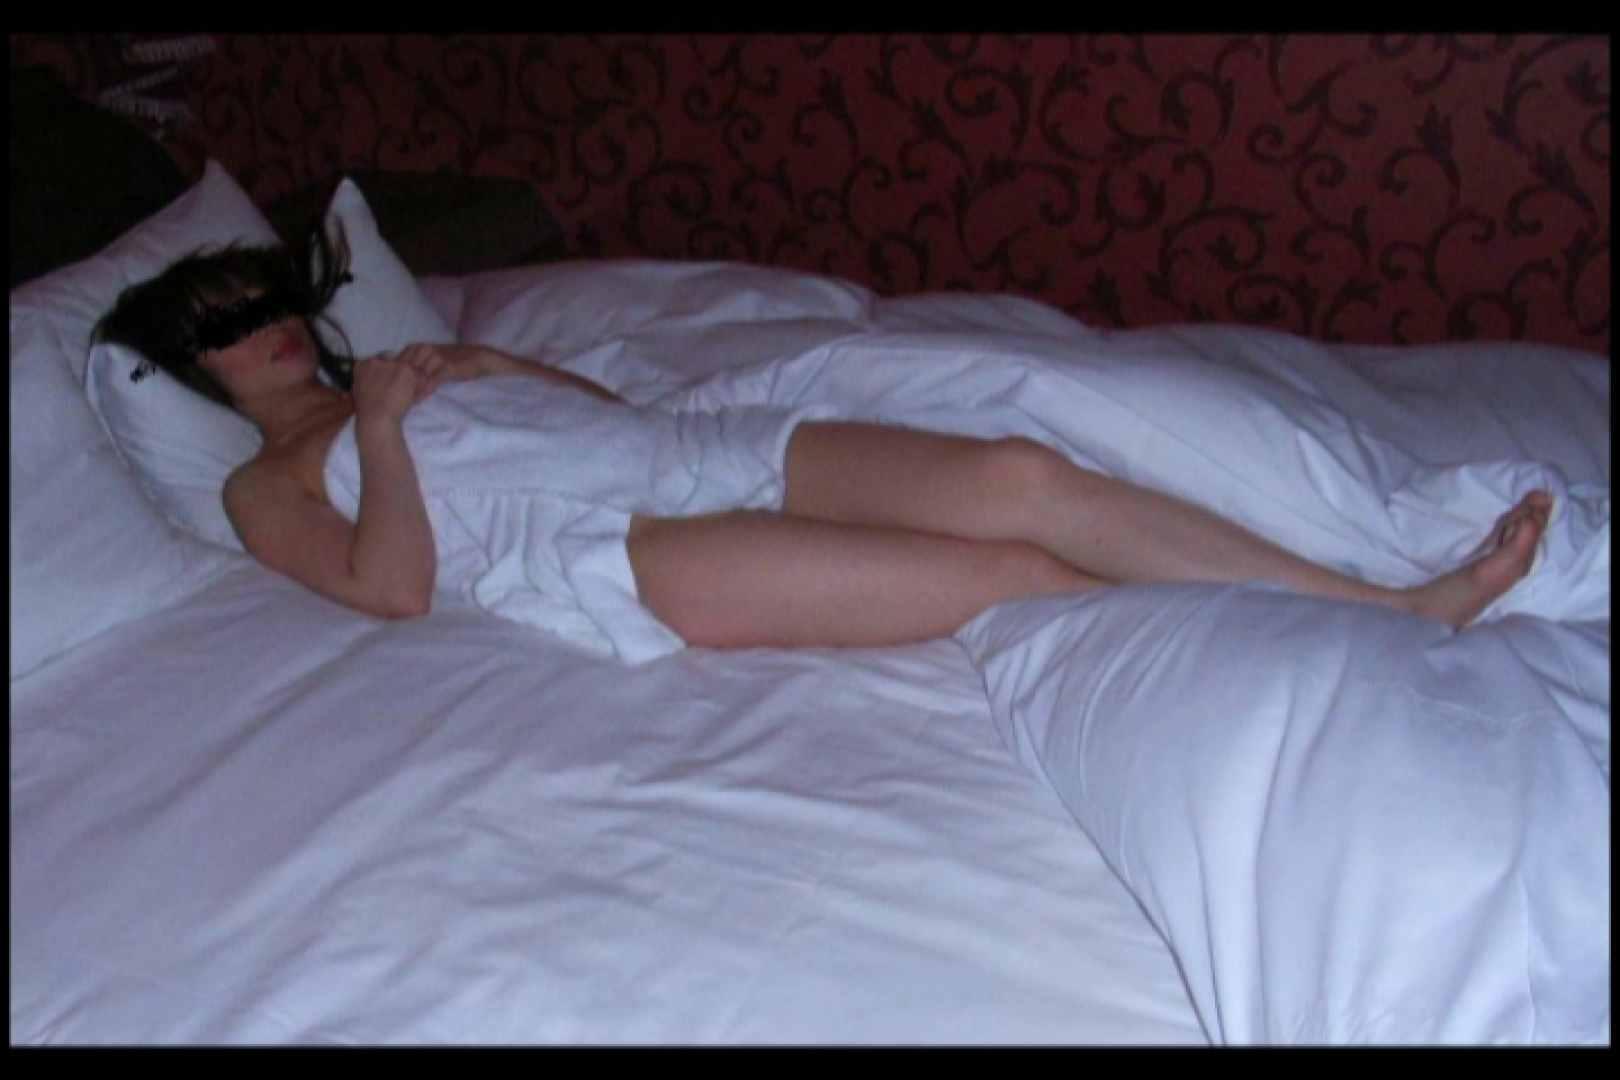 某掲示板に投稿された素人女性たちVOL.9 ホテル 性交動画流出 38連発 38